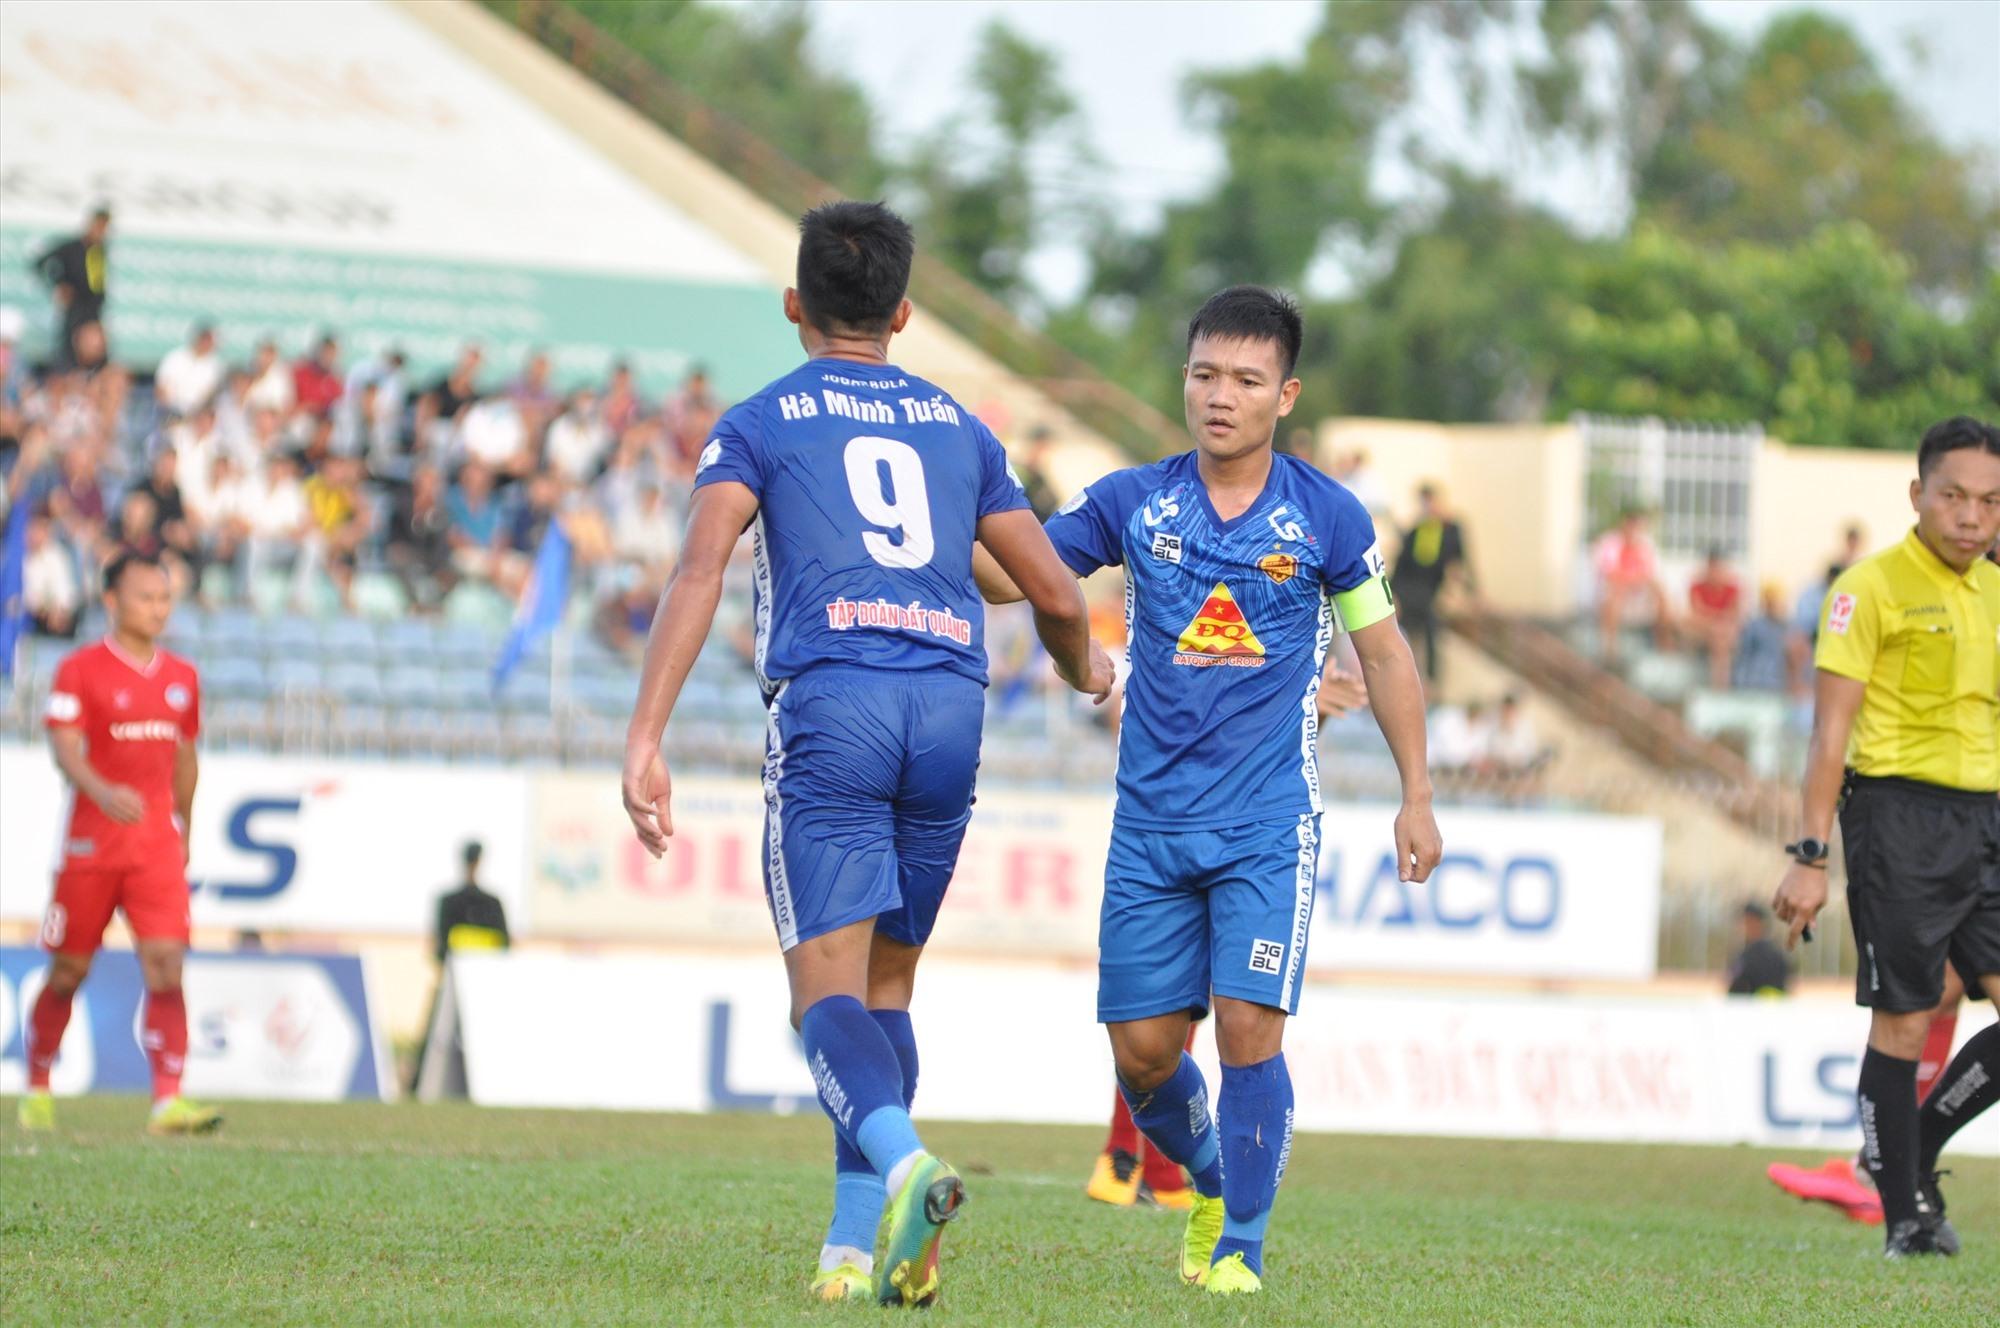 Thanh Trung và Minh Tuấn từng khiến cho đội bóng phố núi ôm hận trong những mùa giải qua được kỳ vọng sẽ tỏa sáng trong cuộc tái đấu sắp tới. Ảnh: X.P